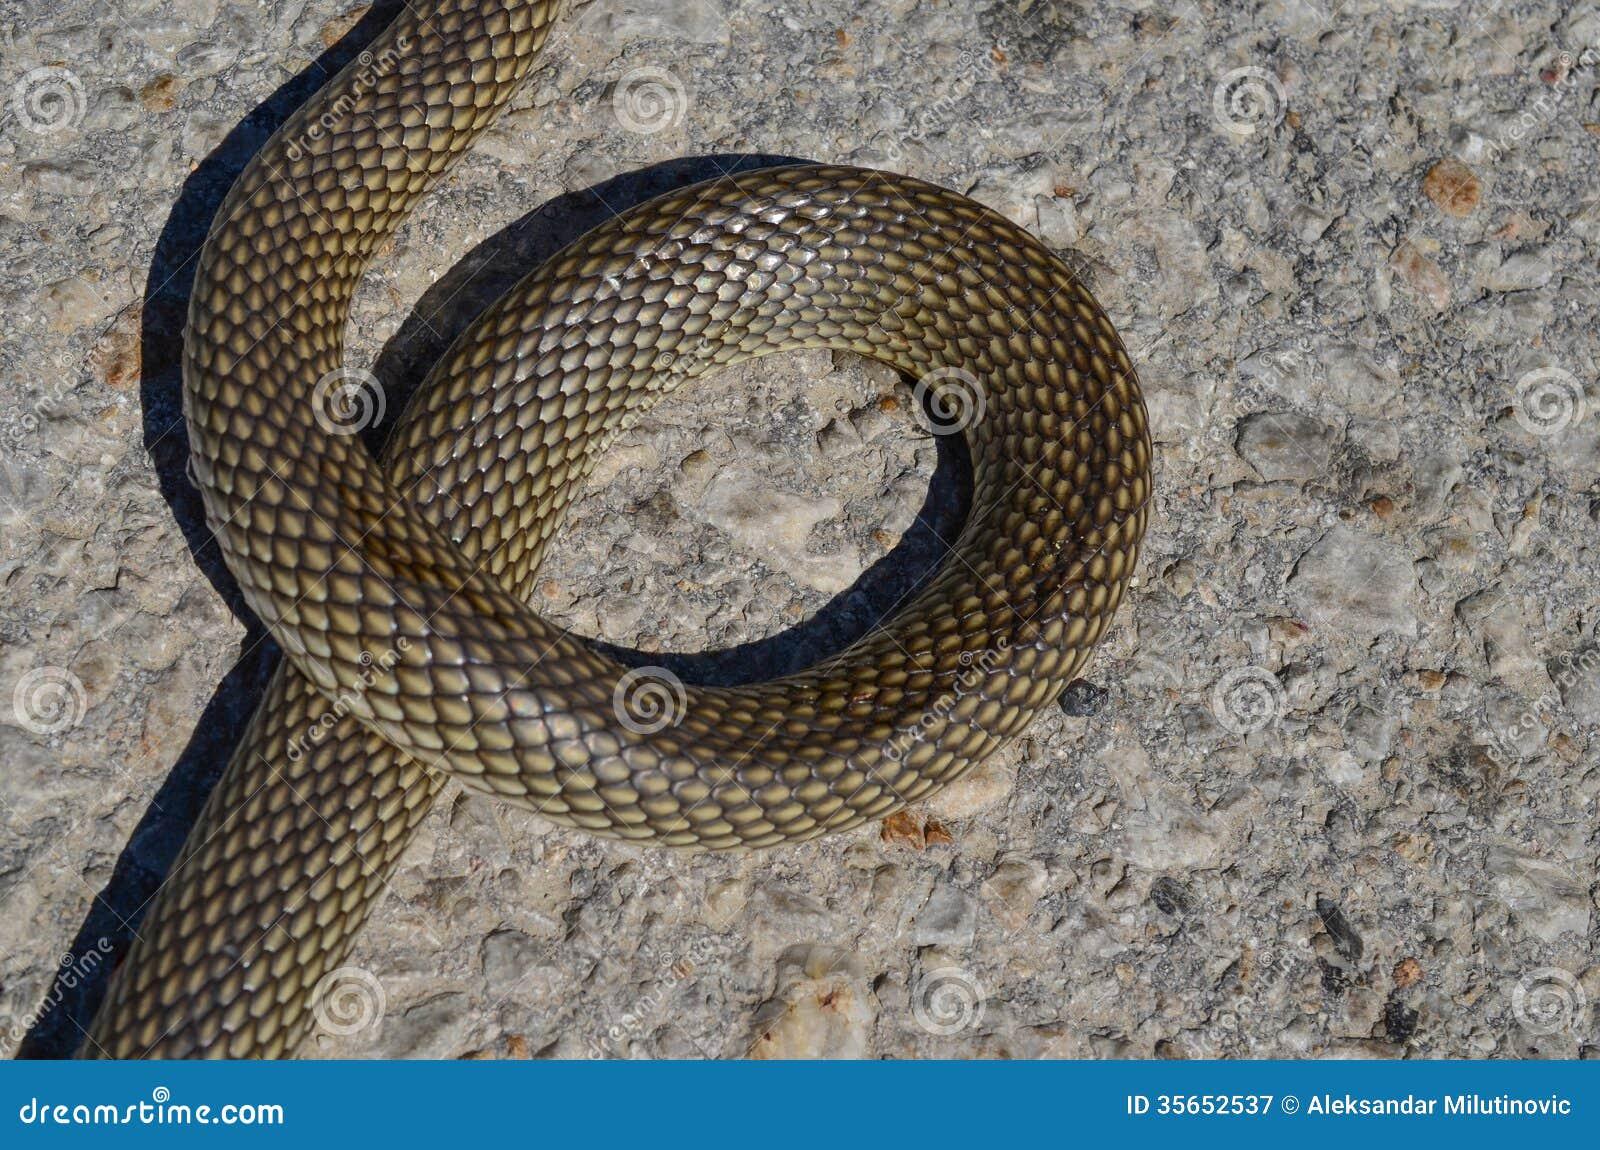 Greek Letter For Snake